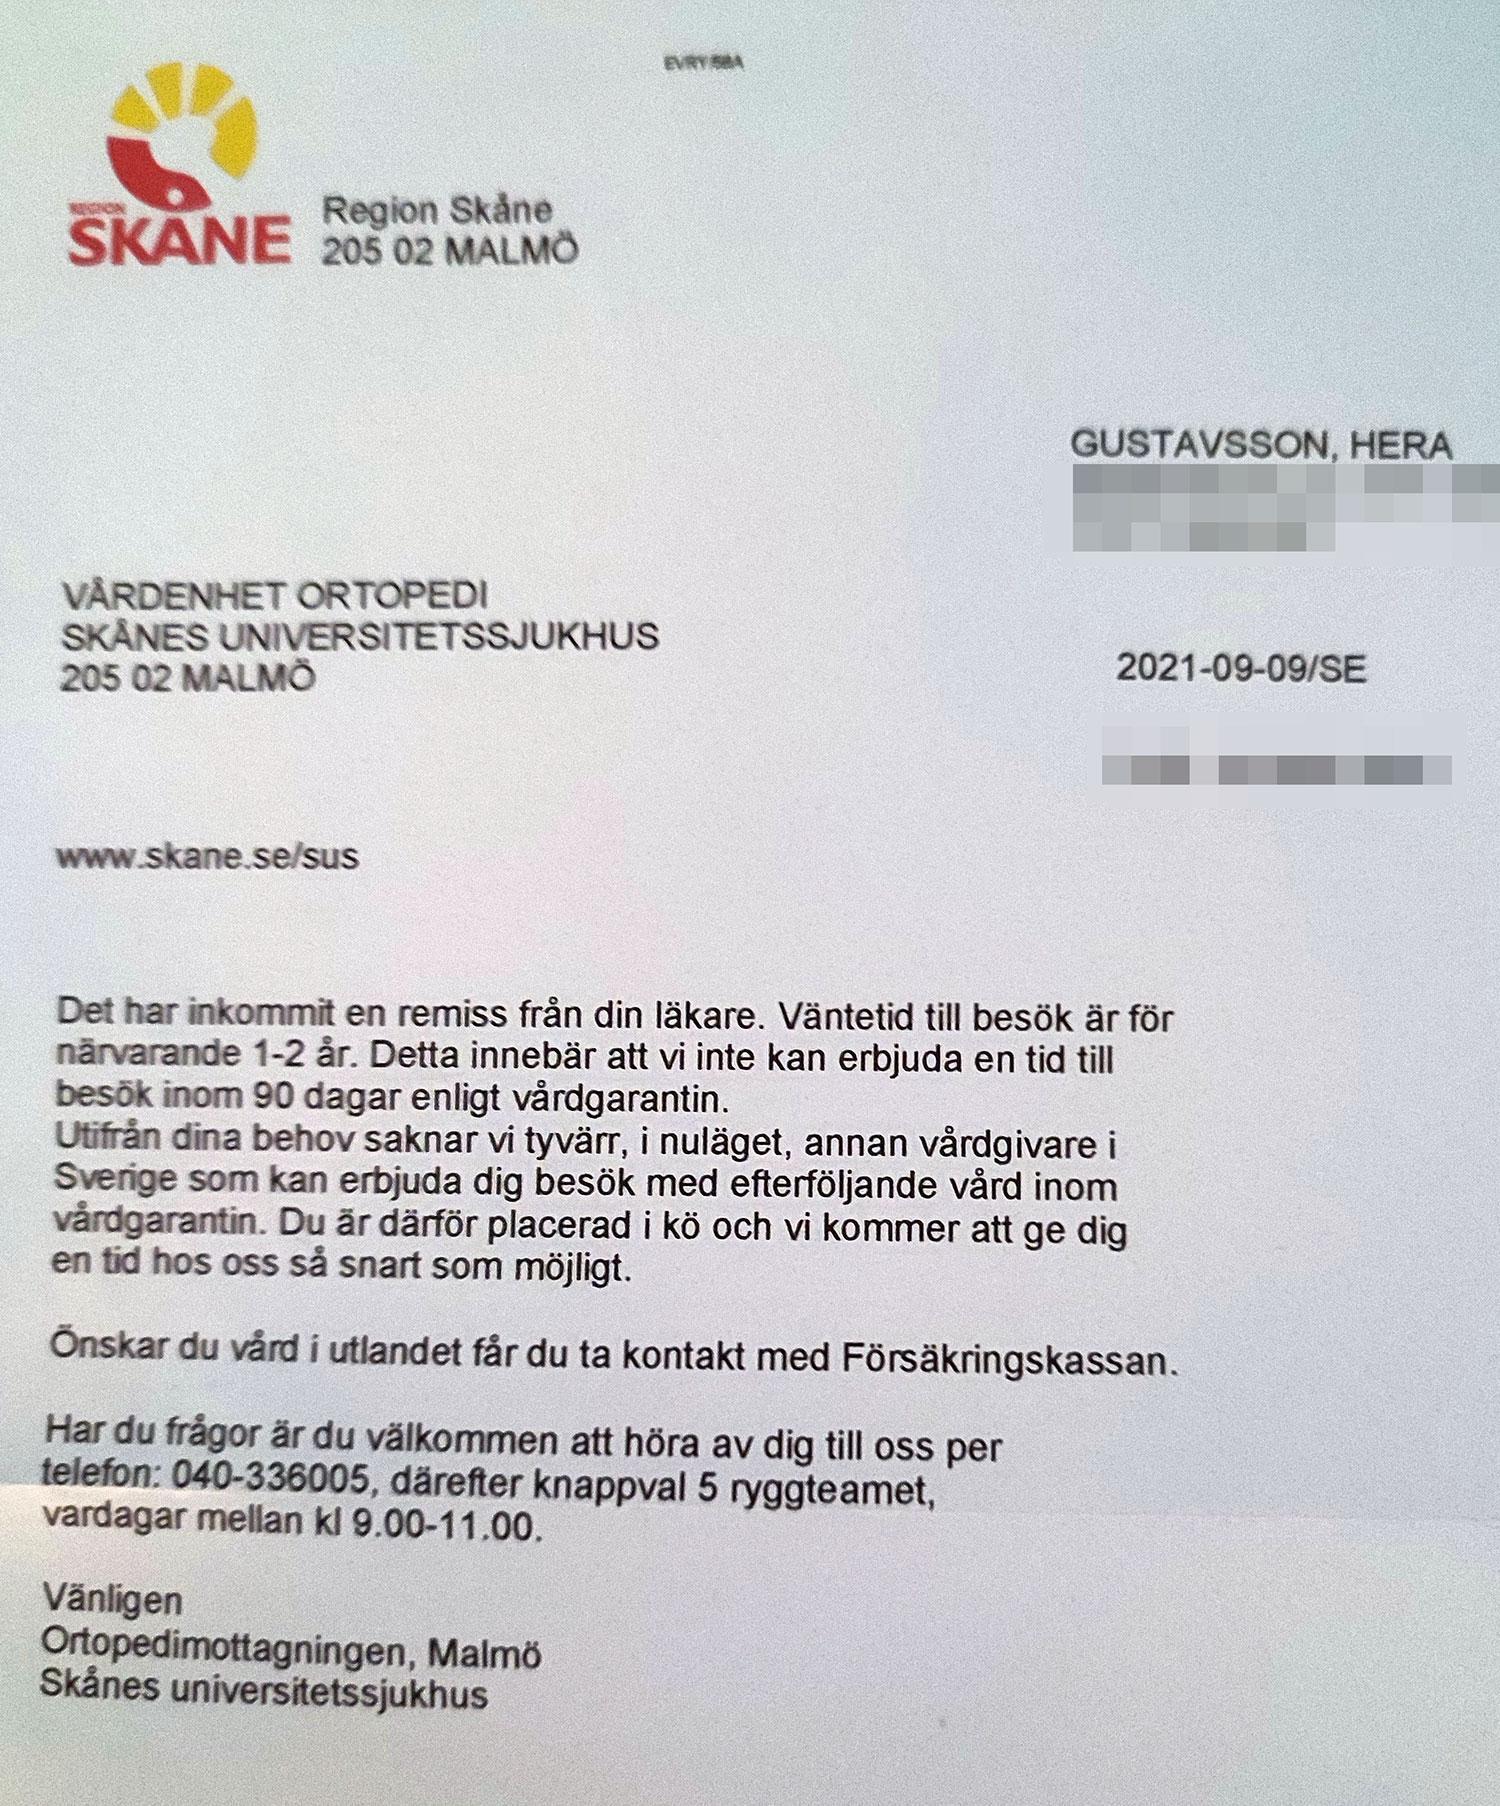 Brevet Hera fick från Region Skåne där det står att väntetiden är ett till två år.